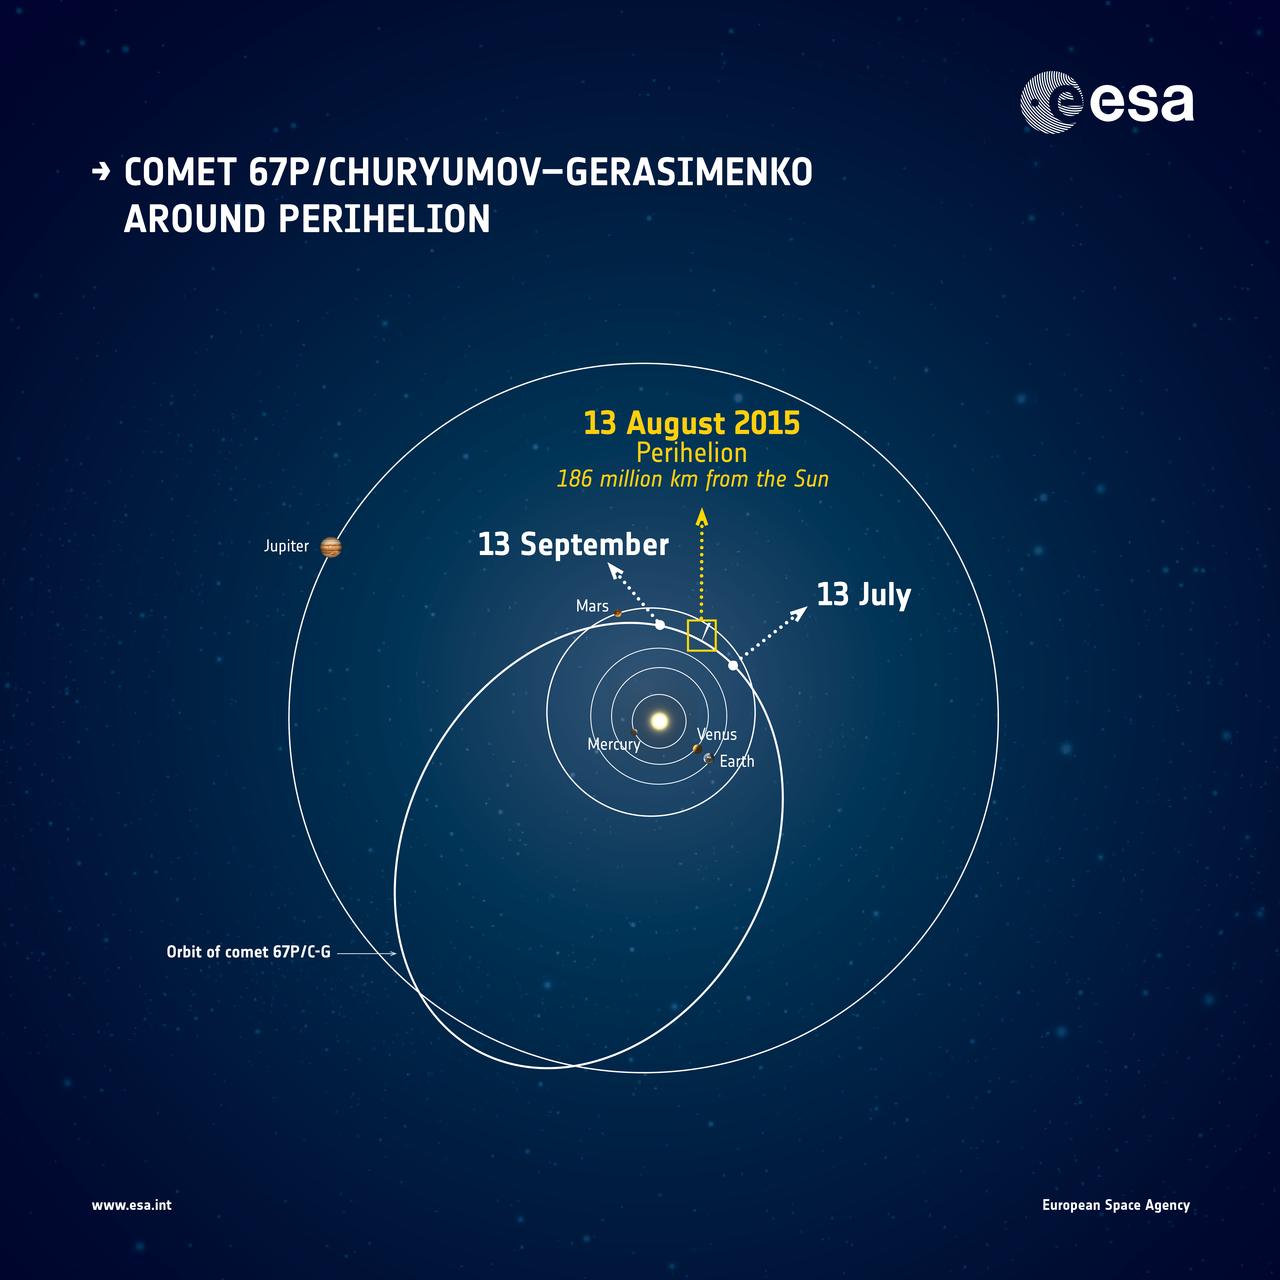 1567216142863-Rosetta_Comet_67P_around_perihelion_illustration_1280p.jpg